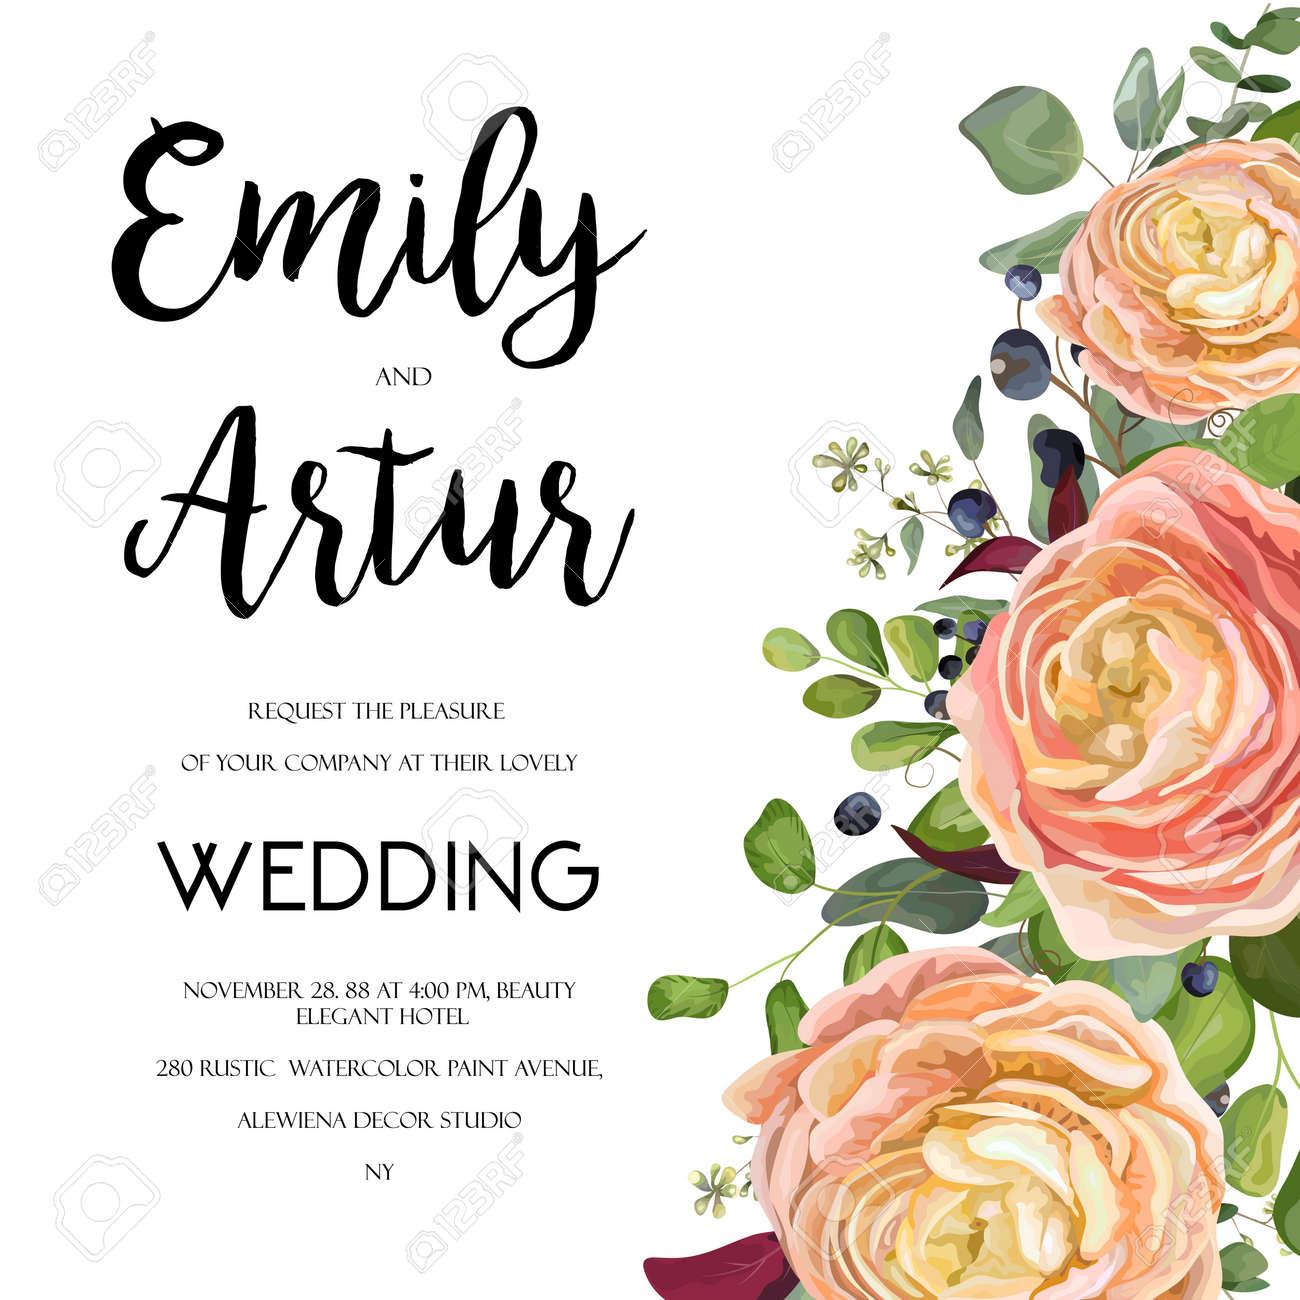 Wedding Invitation Invite Card Design With Watercolor Hand Drawn